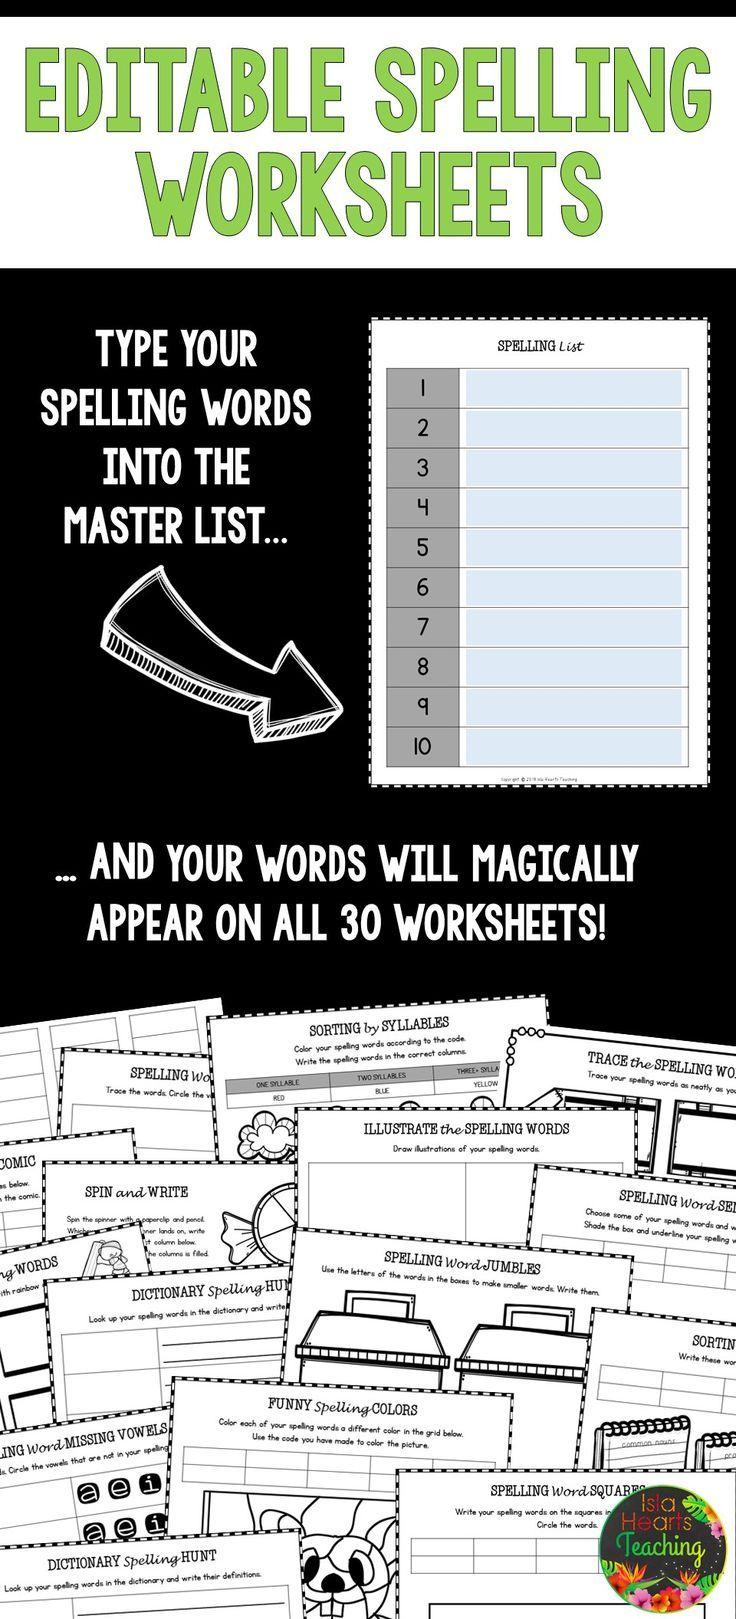 Editable Spelling Worksheets Make Life So Much Easier Islaheartsteaching Spelling Worksheets Spelling Practice Worksheets Spelling Activities [ 1619 x 736 Pixel ]